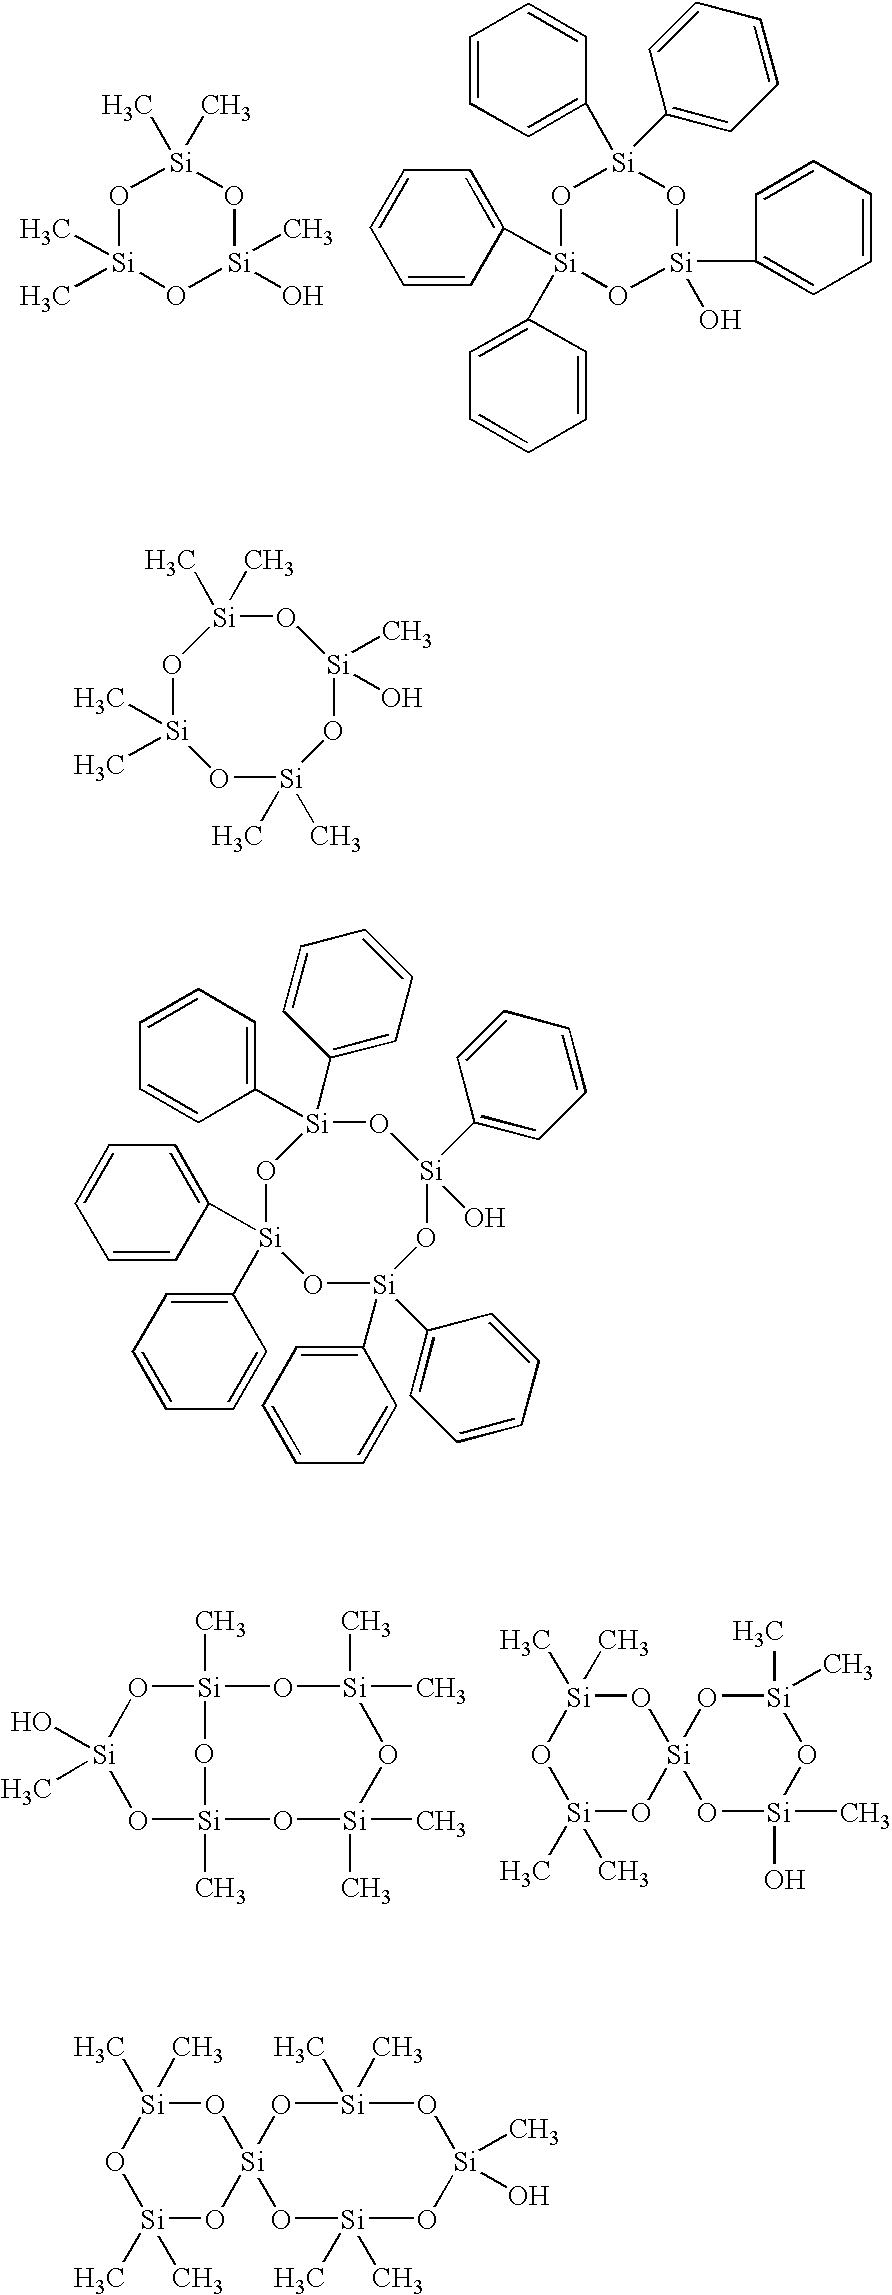 Figure US07511102-20090331-C00010